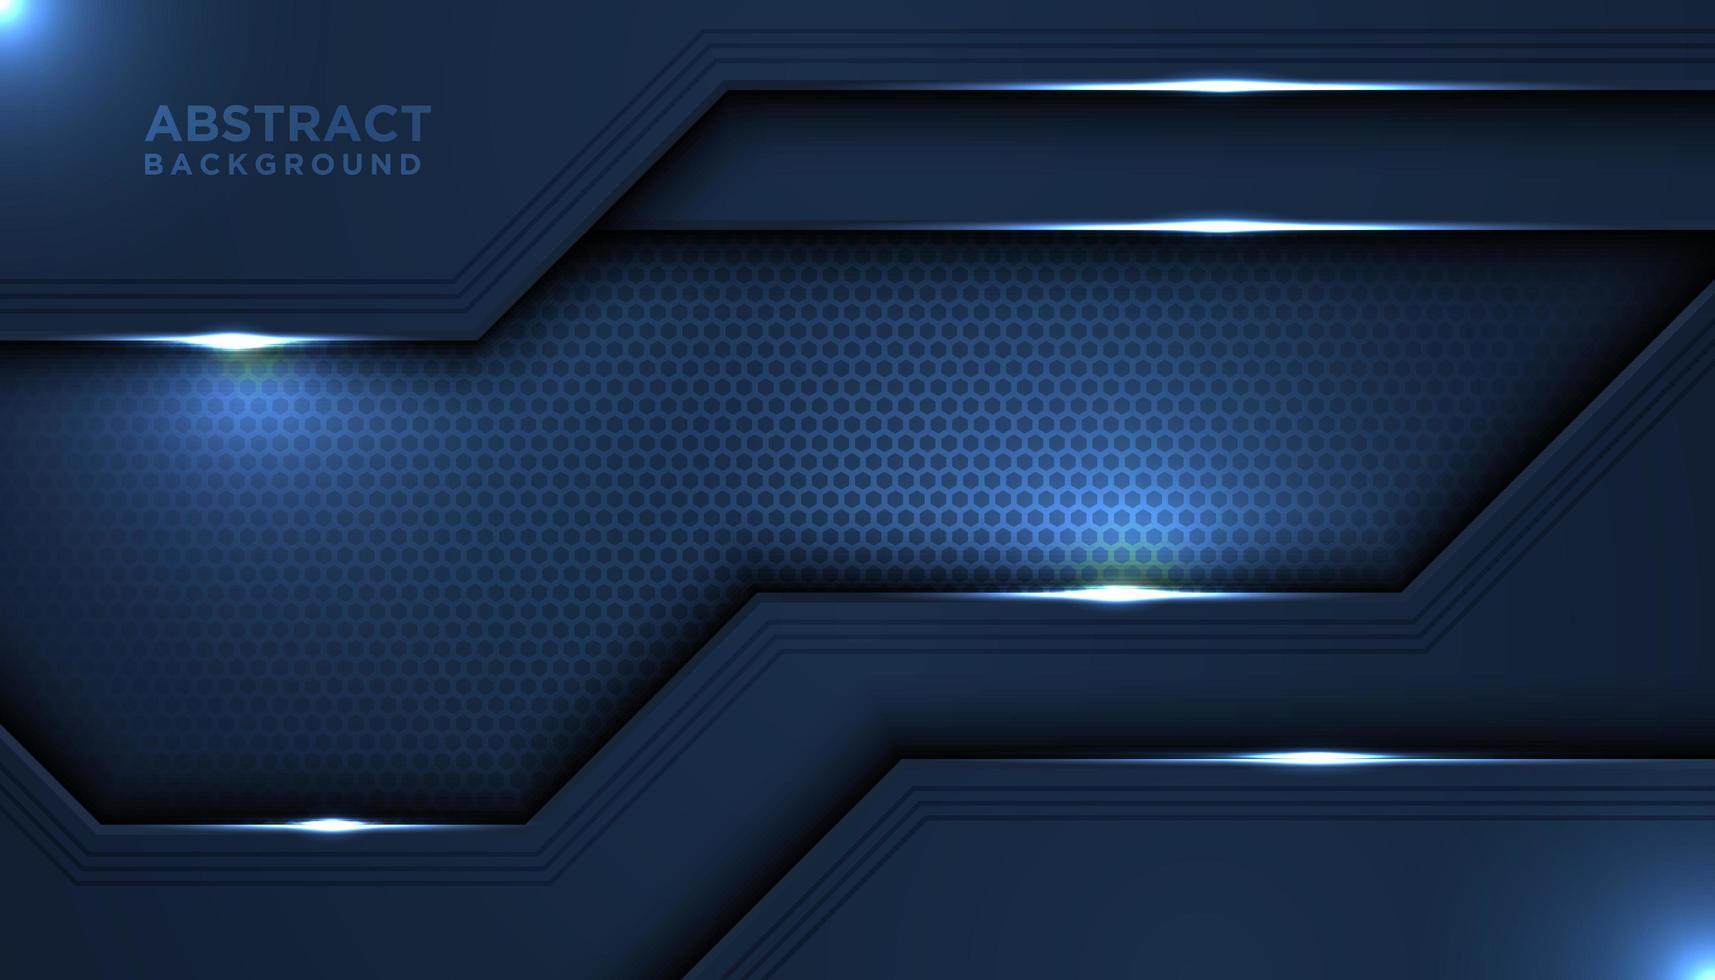 strati sovrapposti lucidi blu scuro metallici vettore